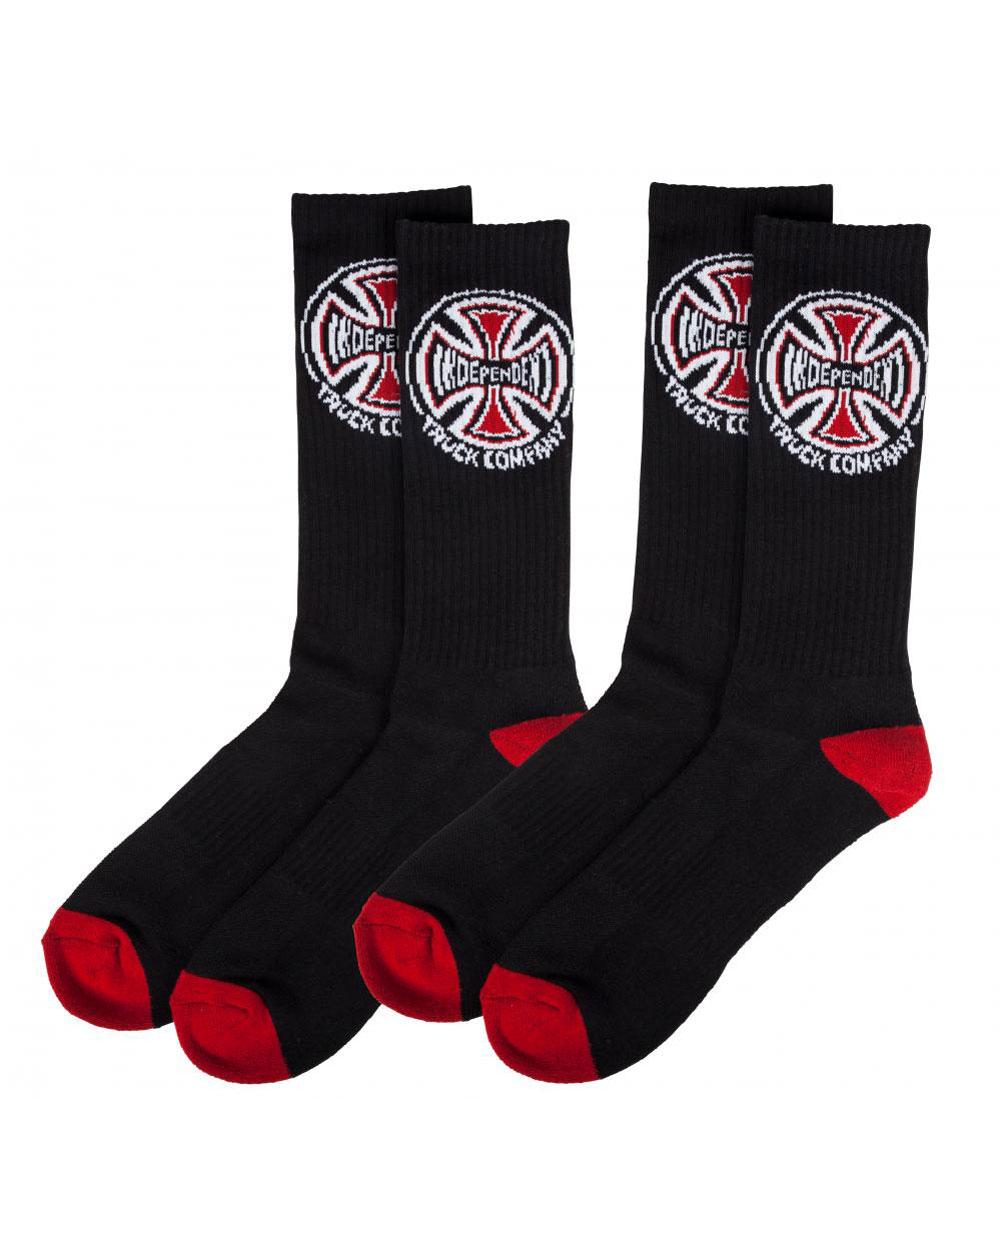 Independent Men's Socks Truck Co. Black pack of 2